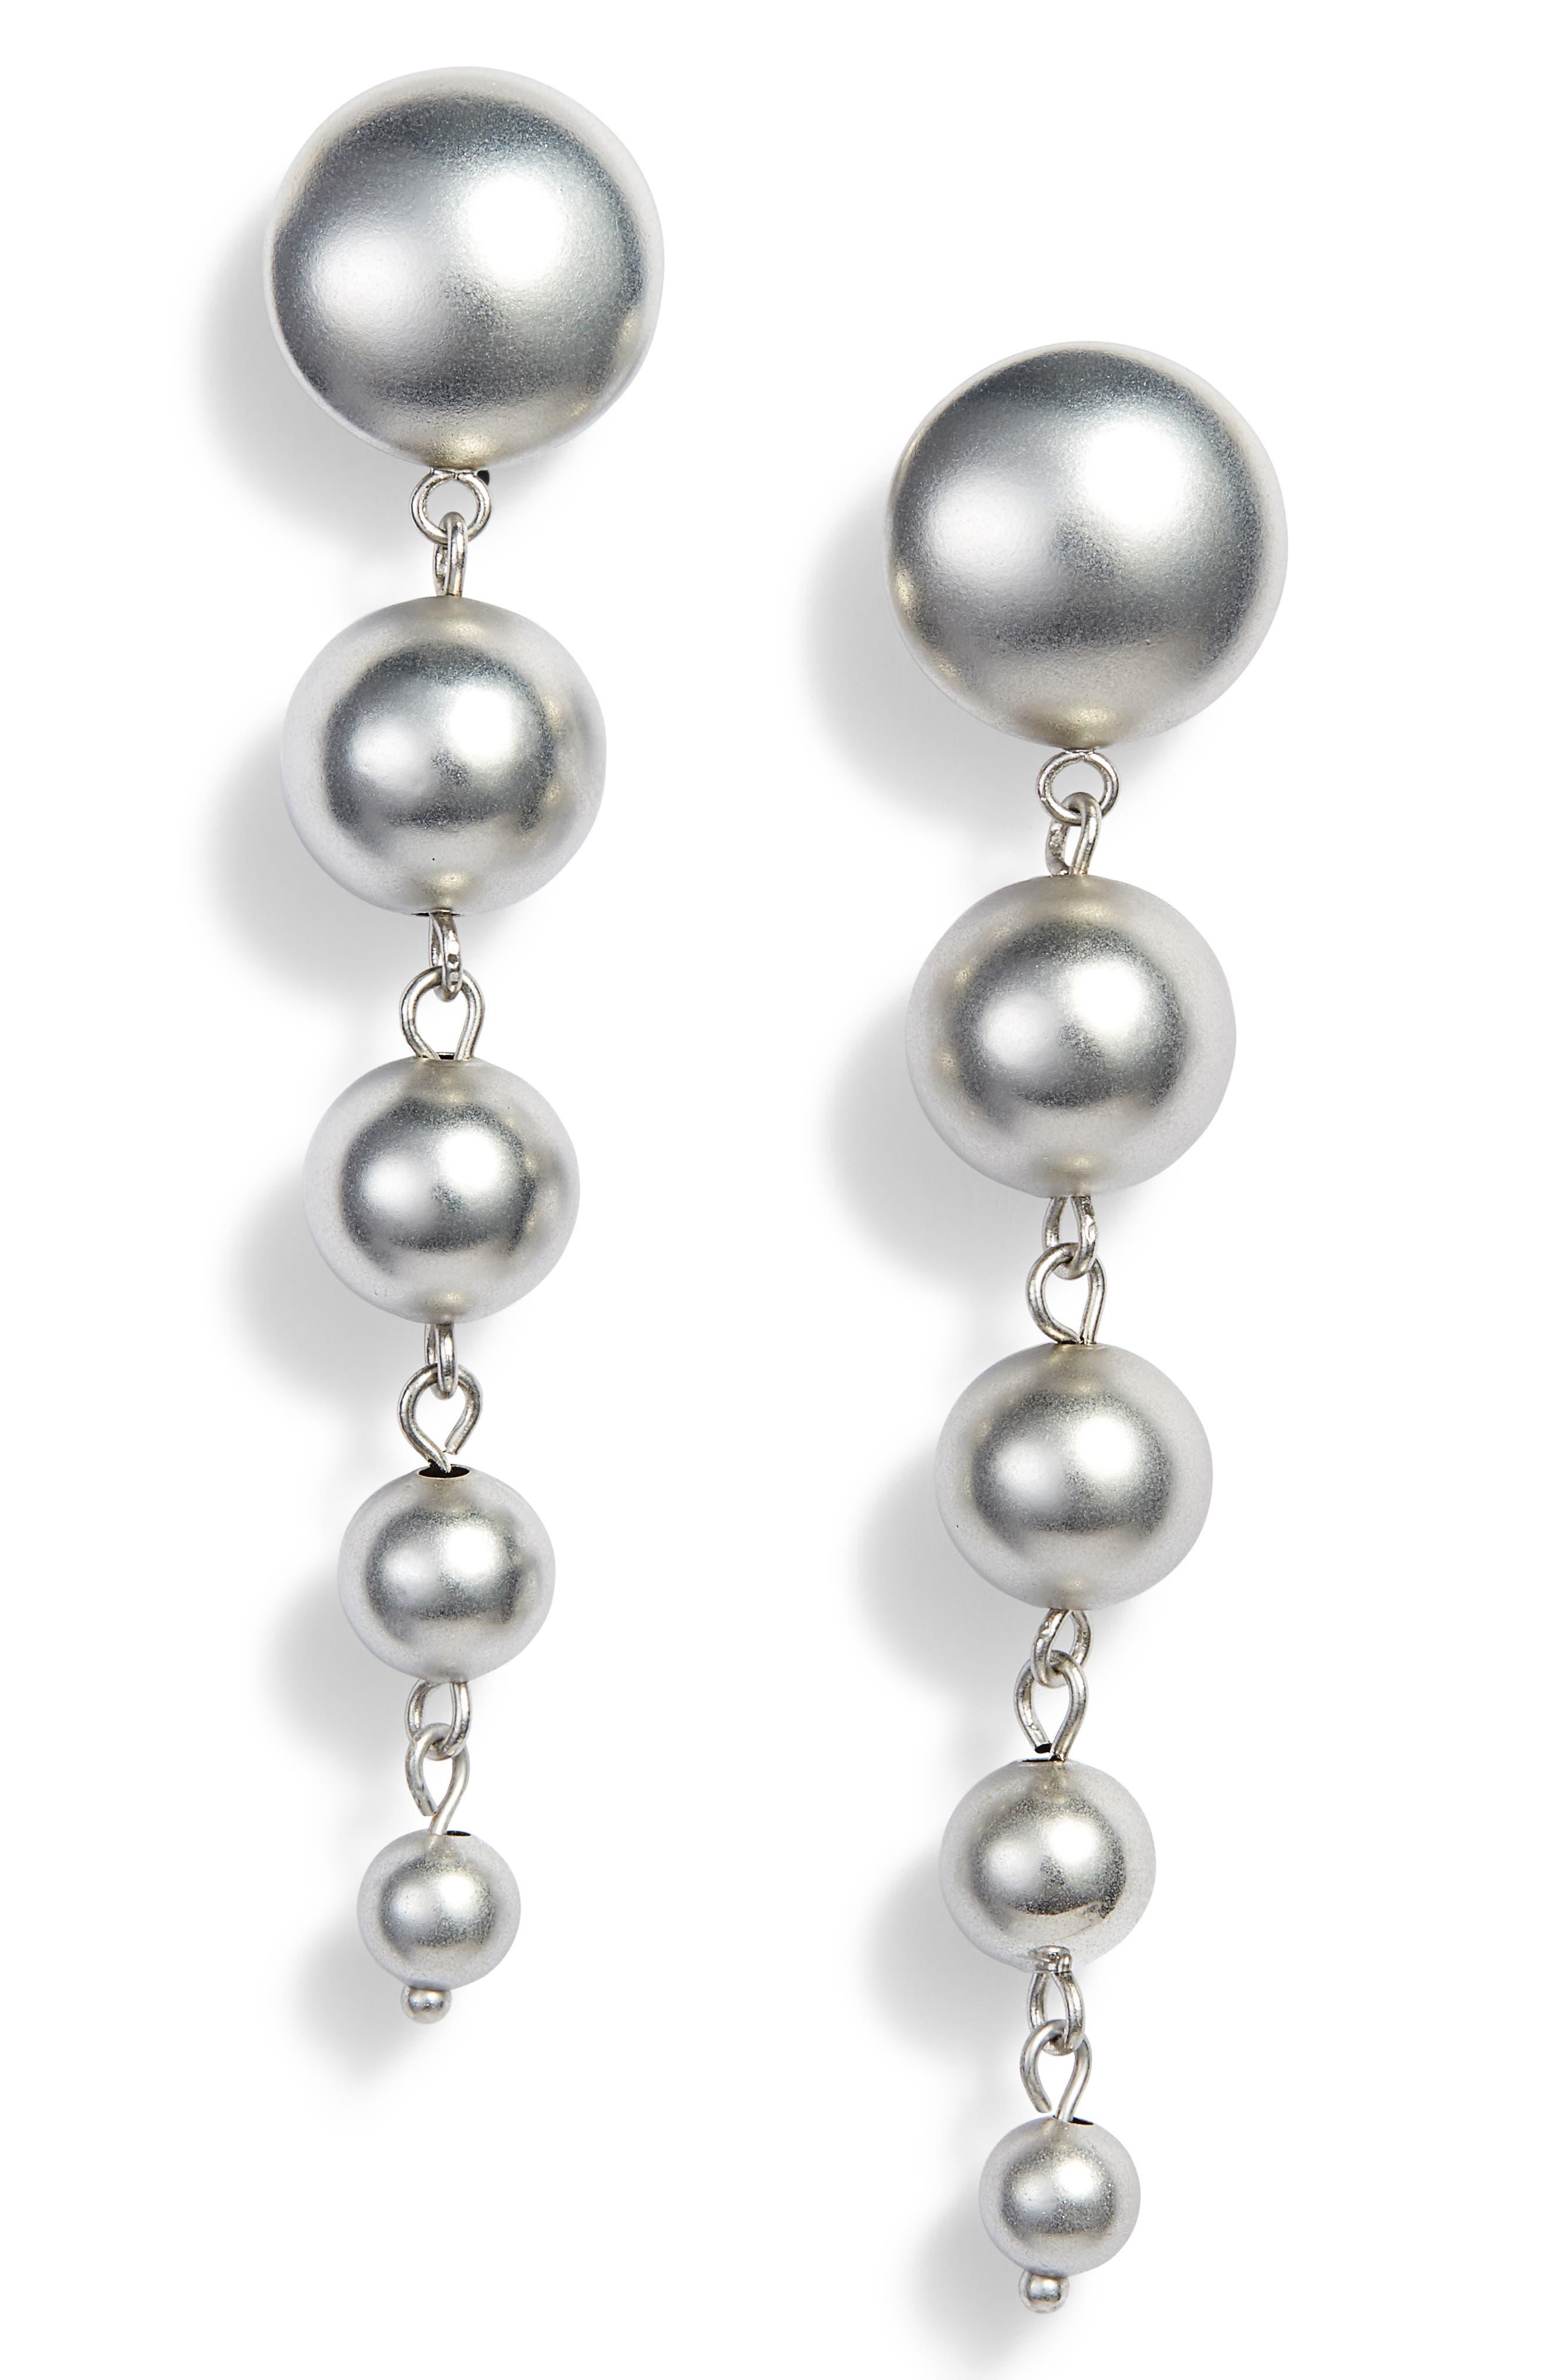 5-Sphere Graduated Drop Earrings,                             Main thumbnail 1, color,